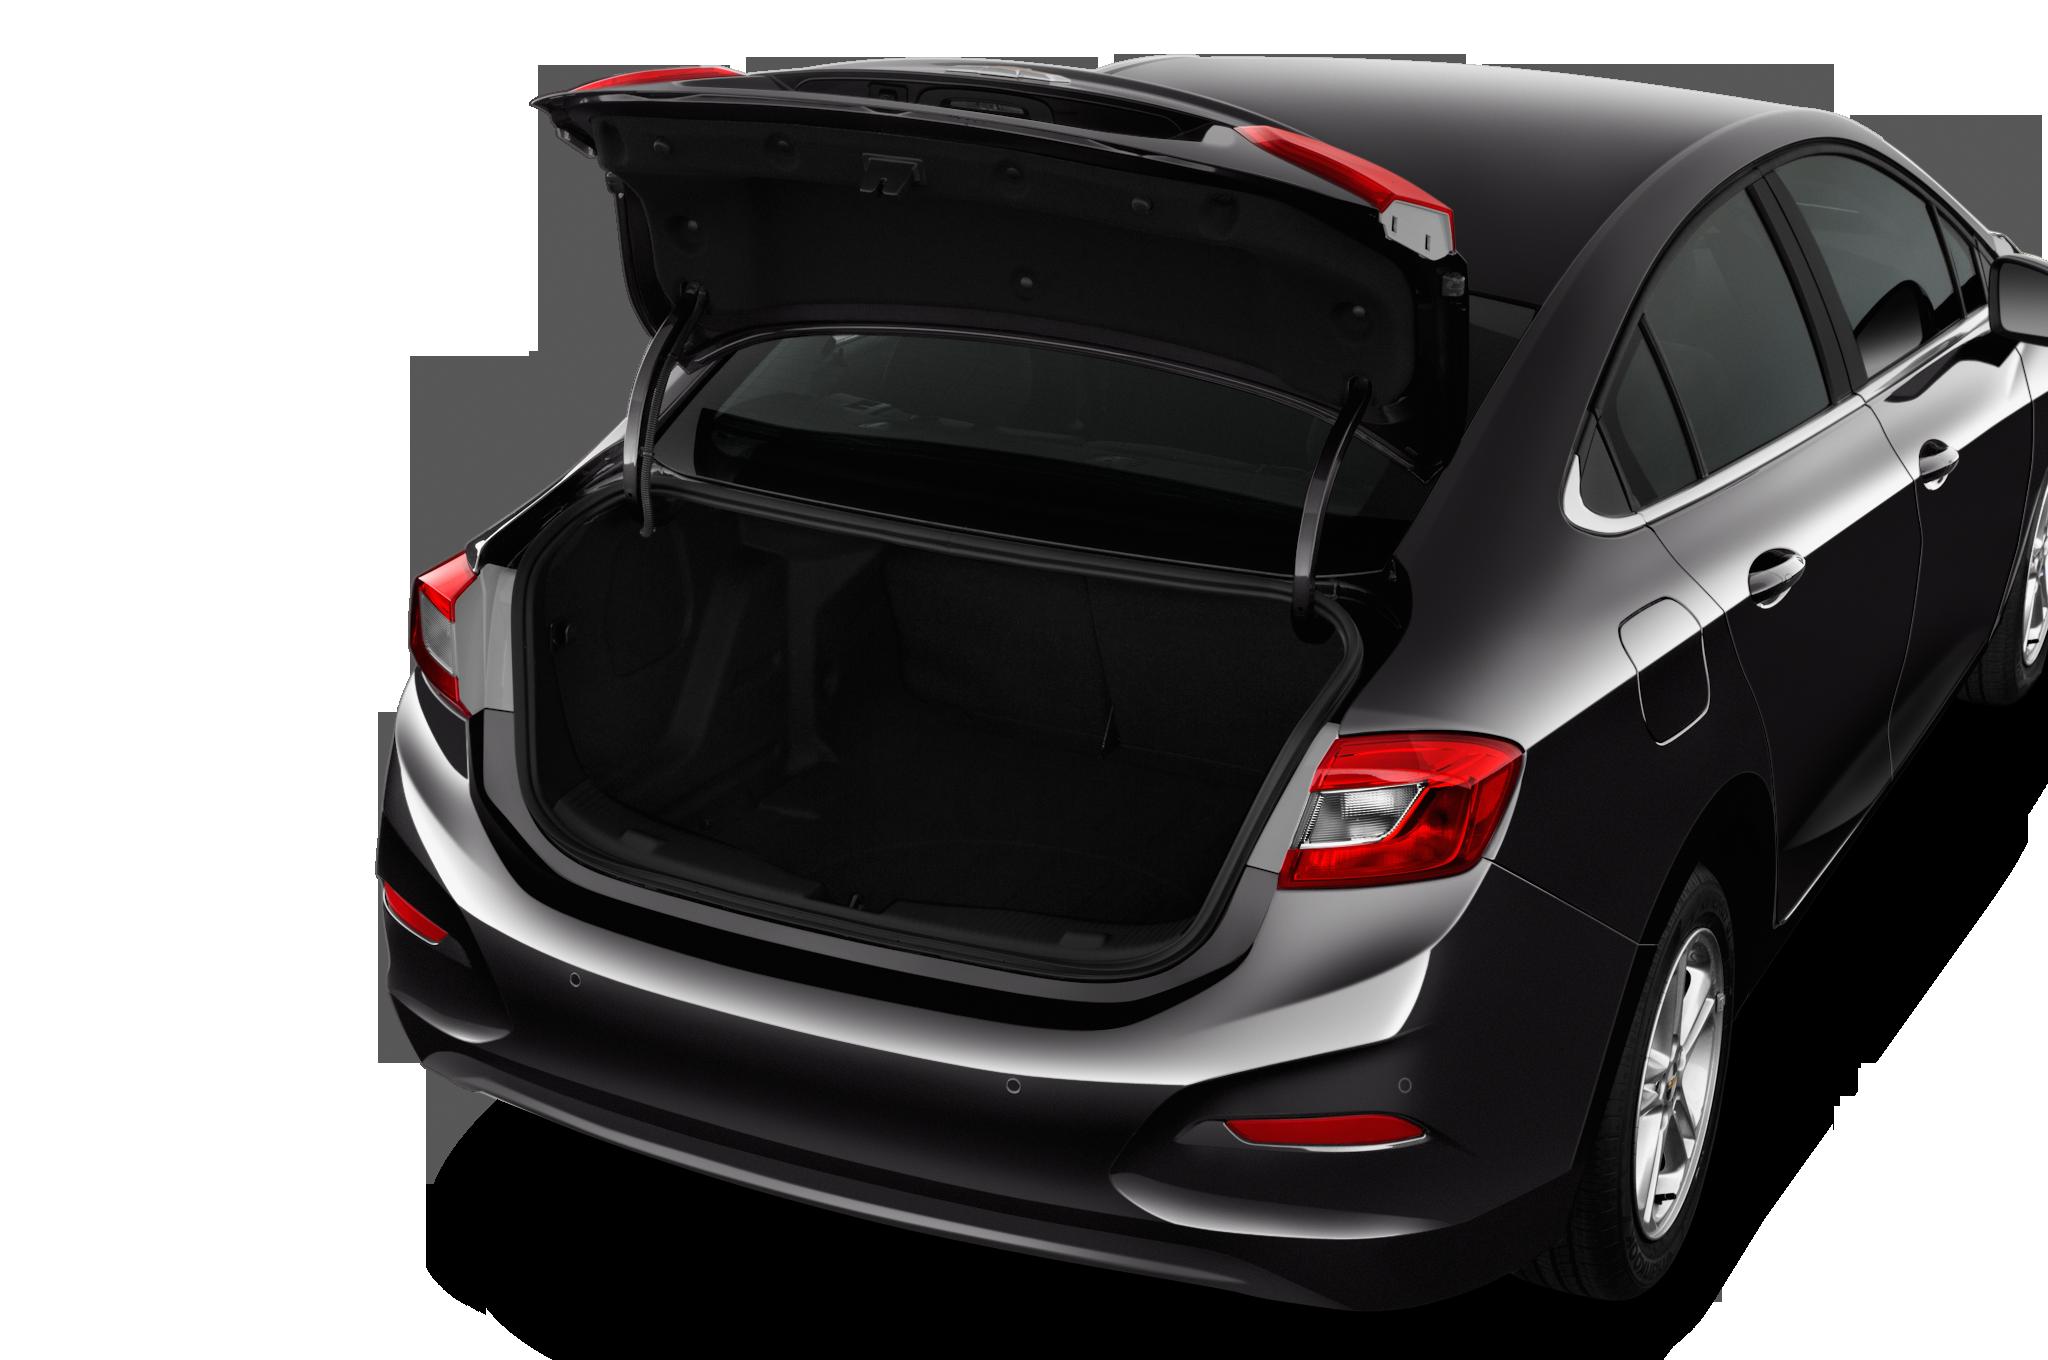 2017 chevrolet cruze hatchback first drive review. Black Bedroom Furniture Sets. Home Design Ideas